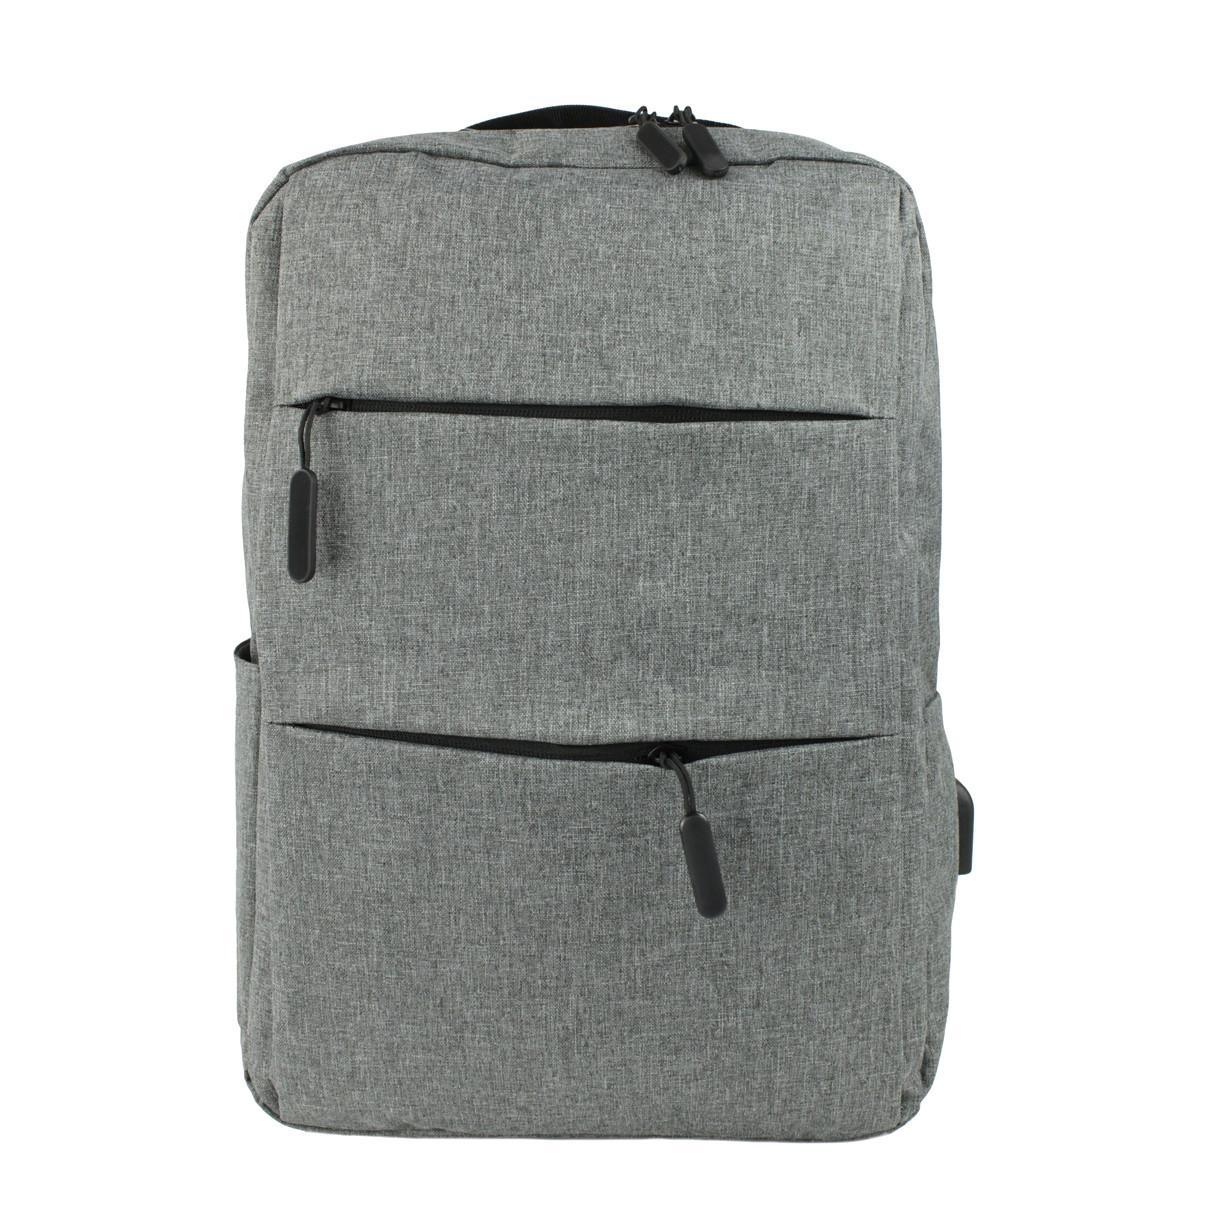 Рюкзак городской c USB выходом и отделением под ноутбук  серый